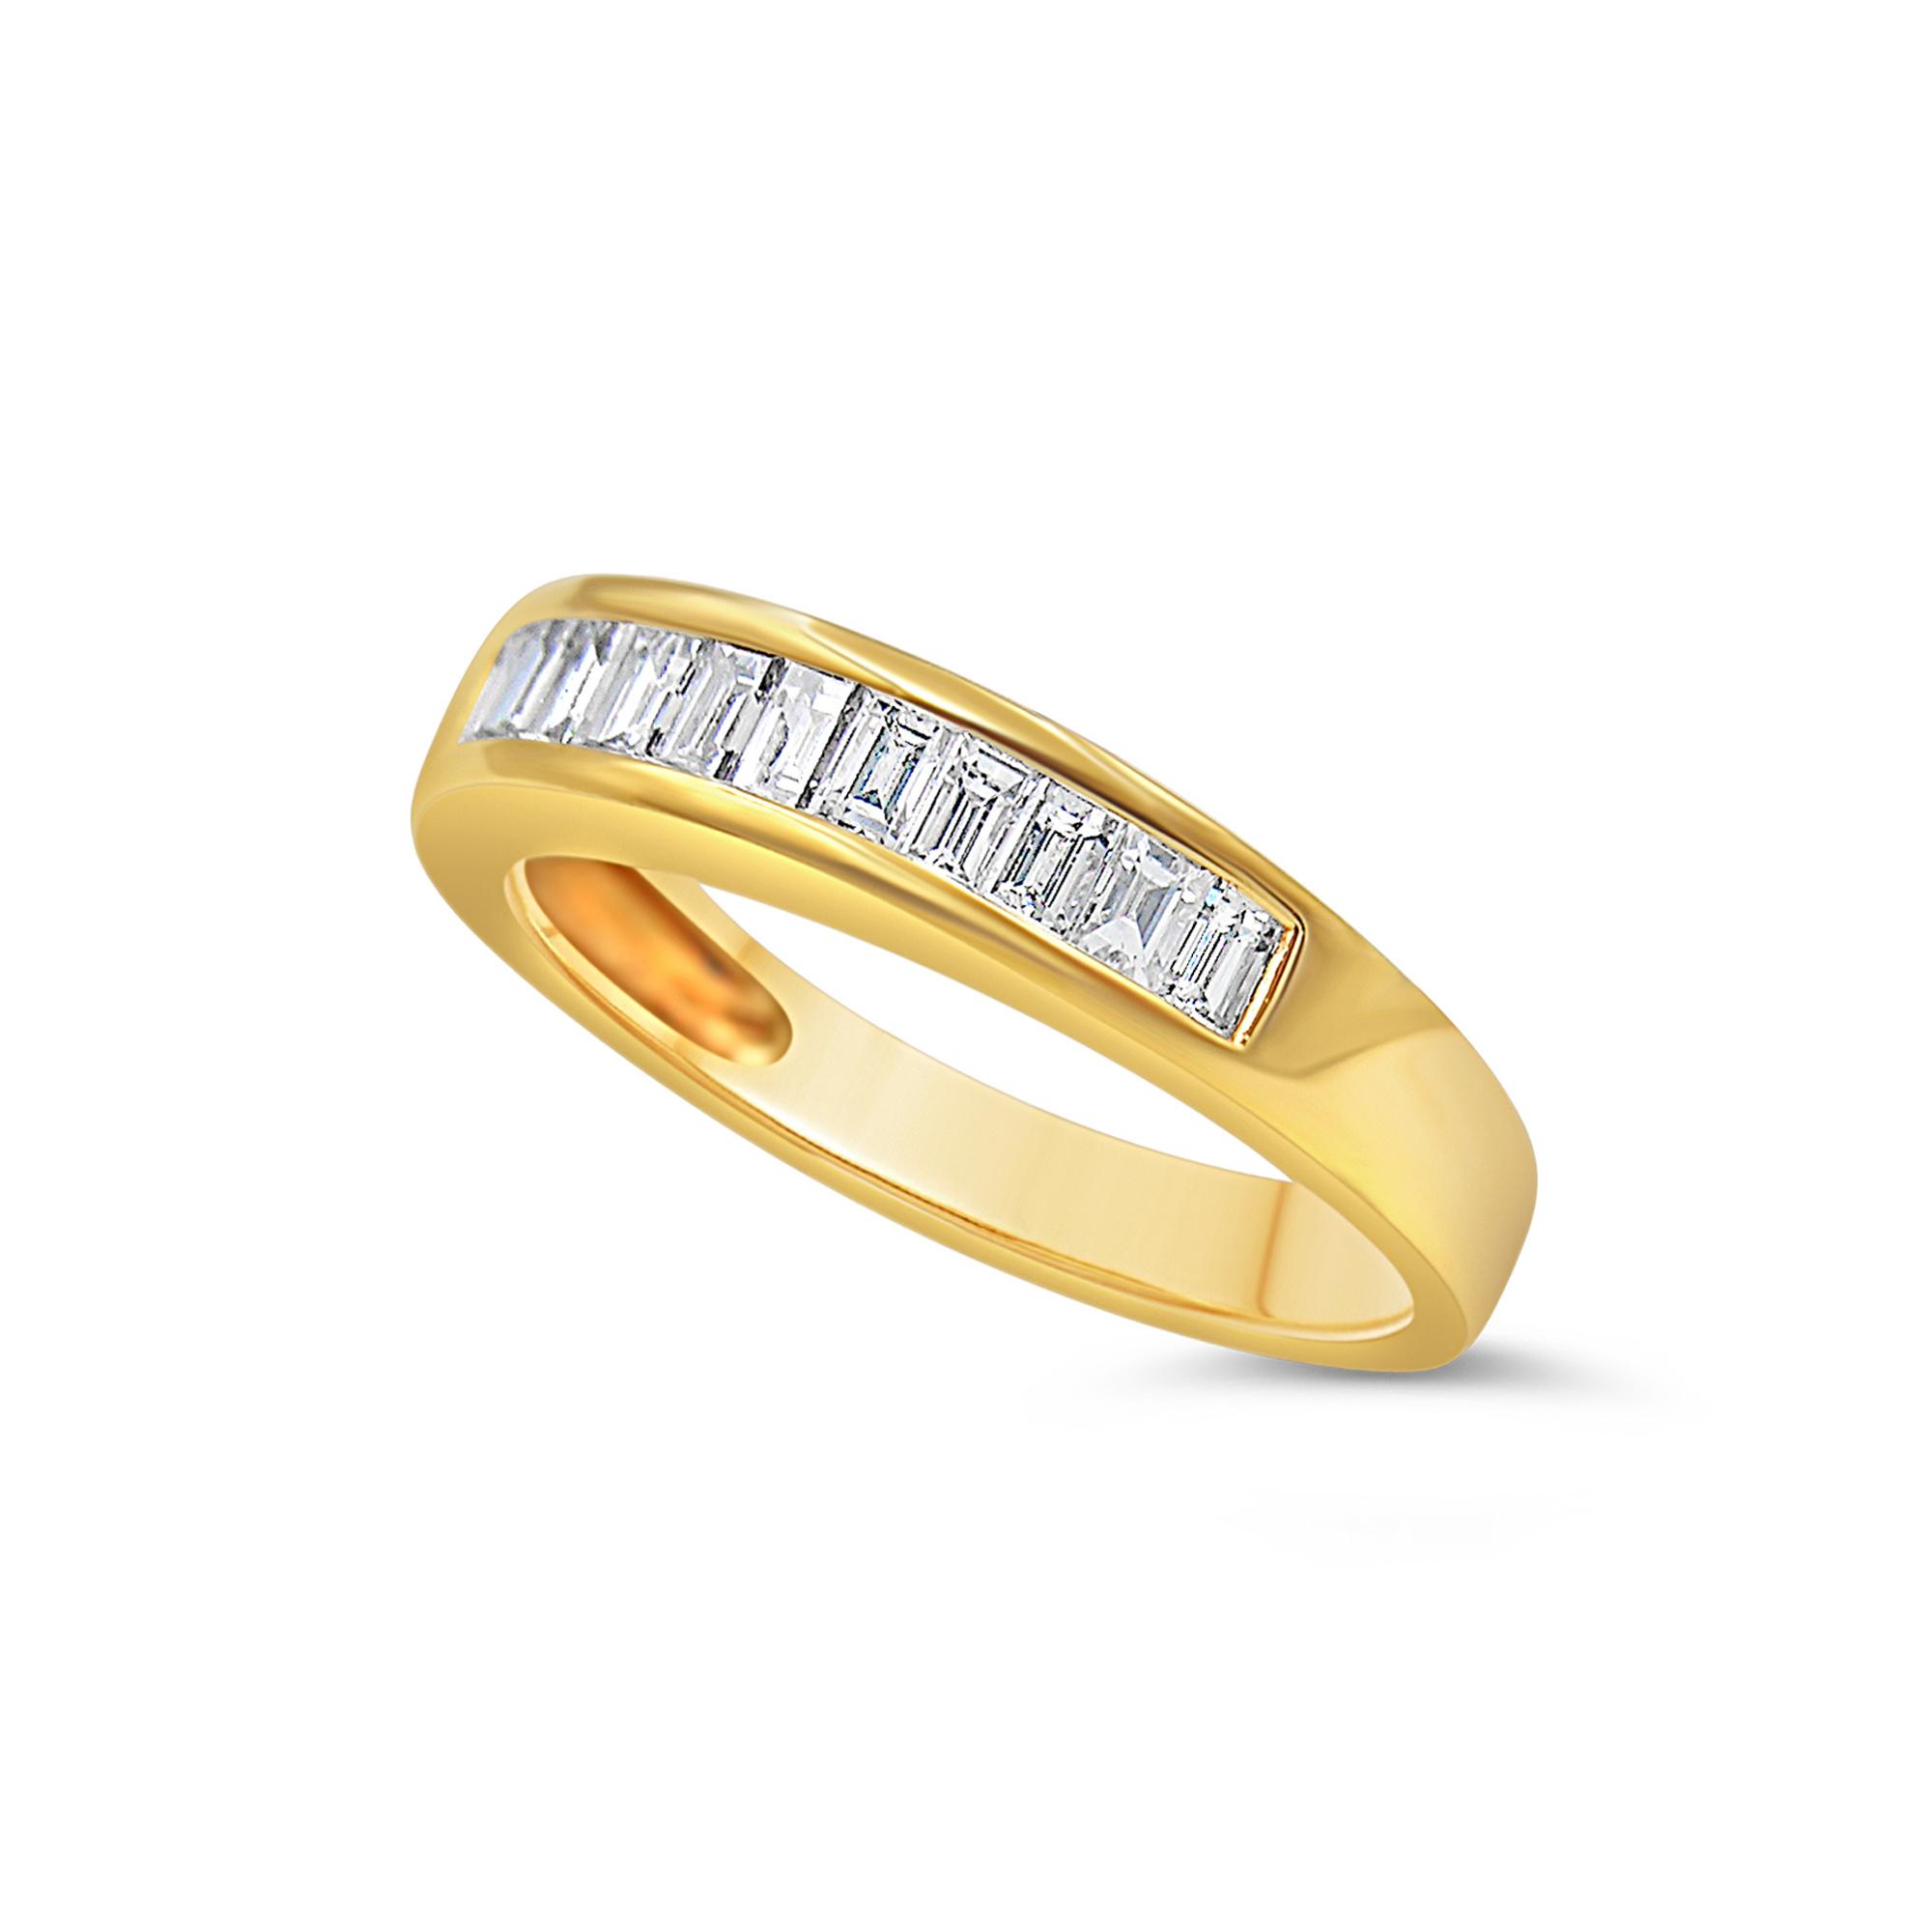 18k geel goud ring met 0.43 ct diamanten